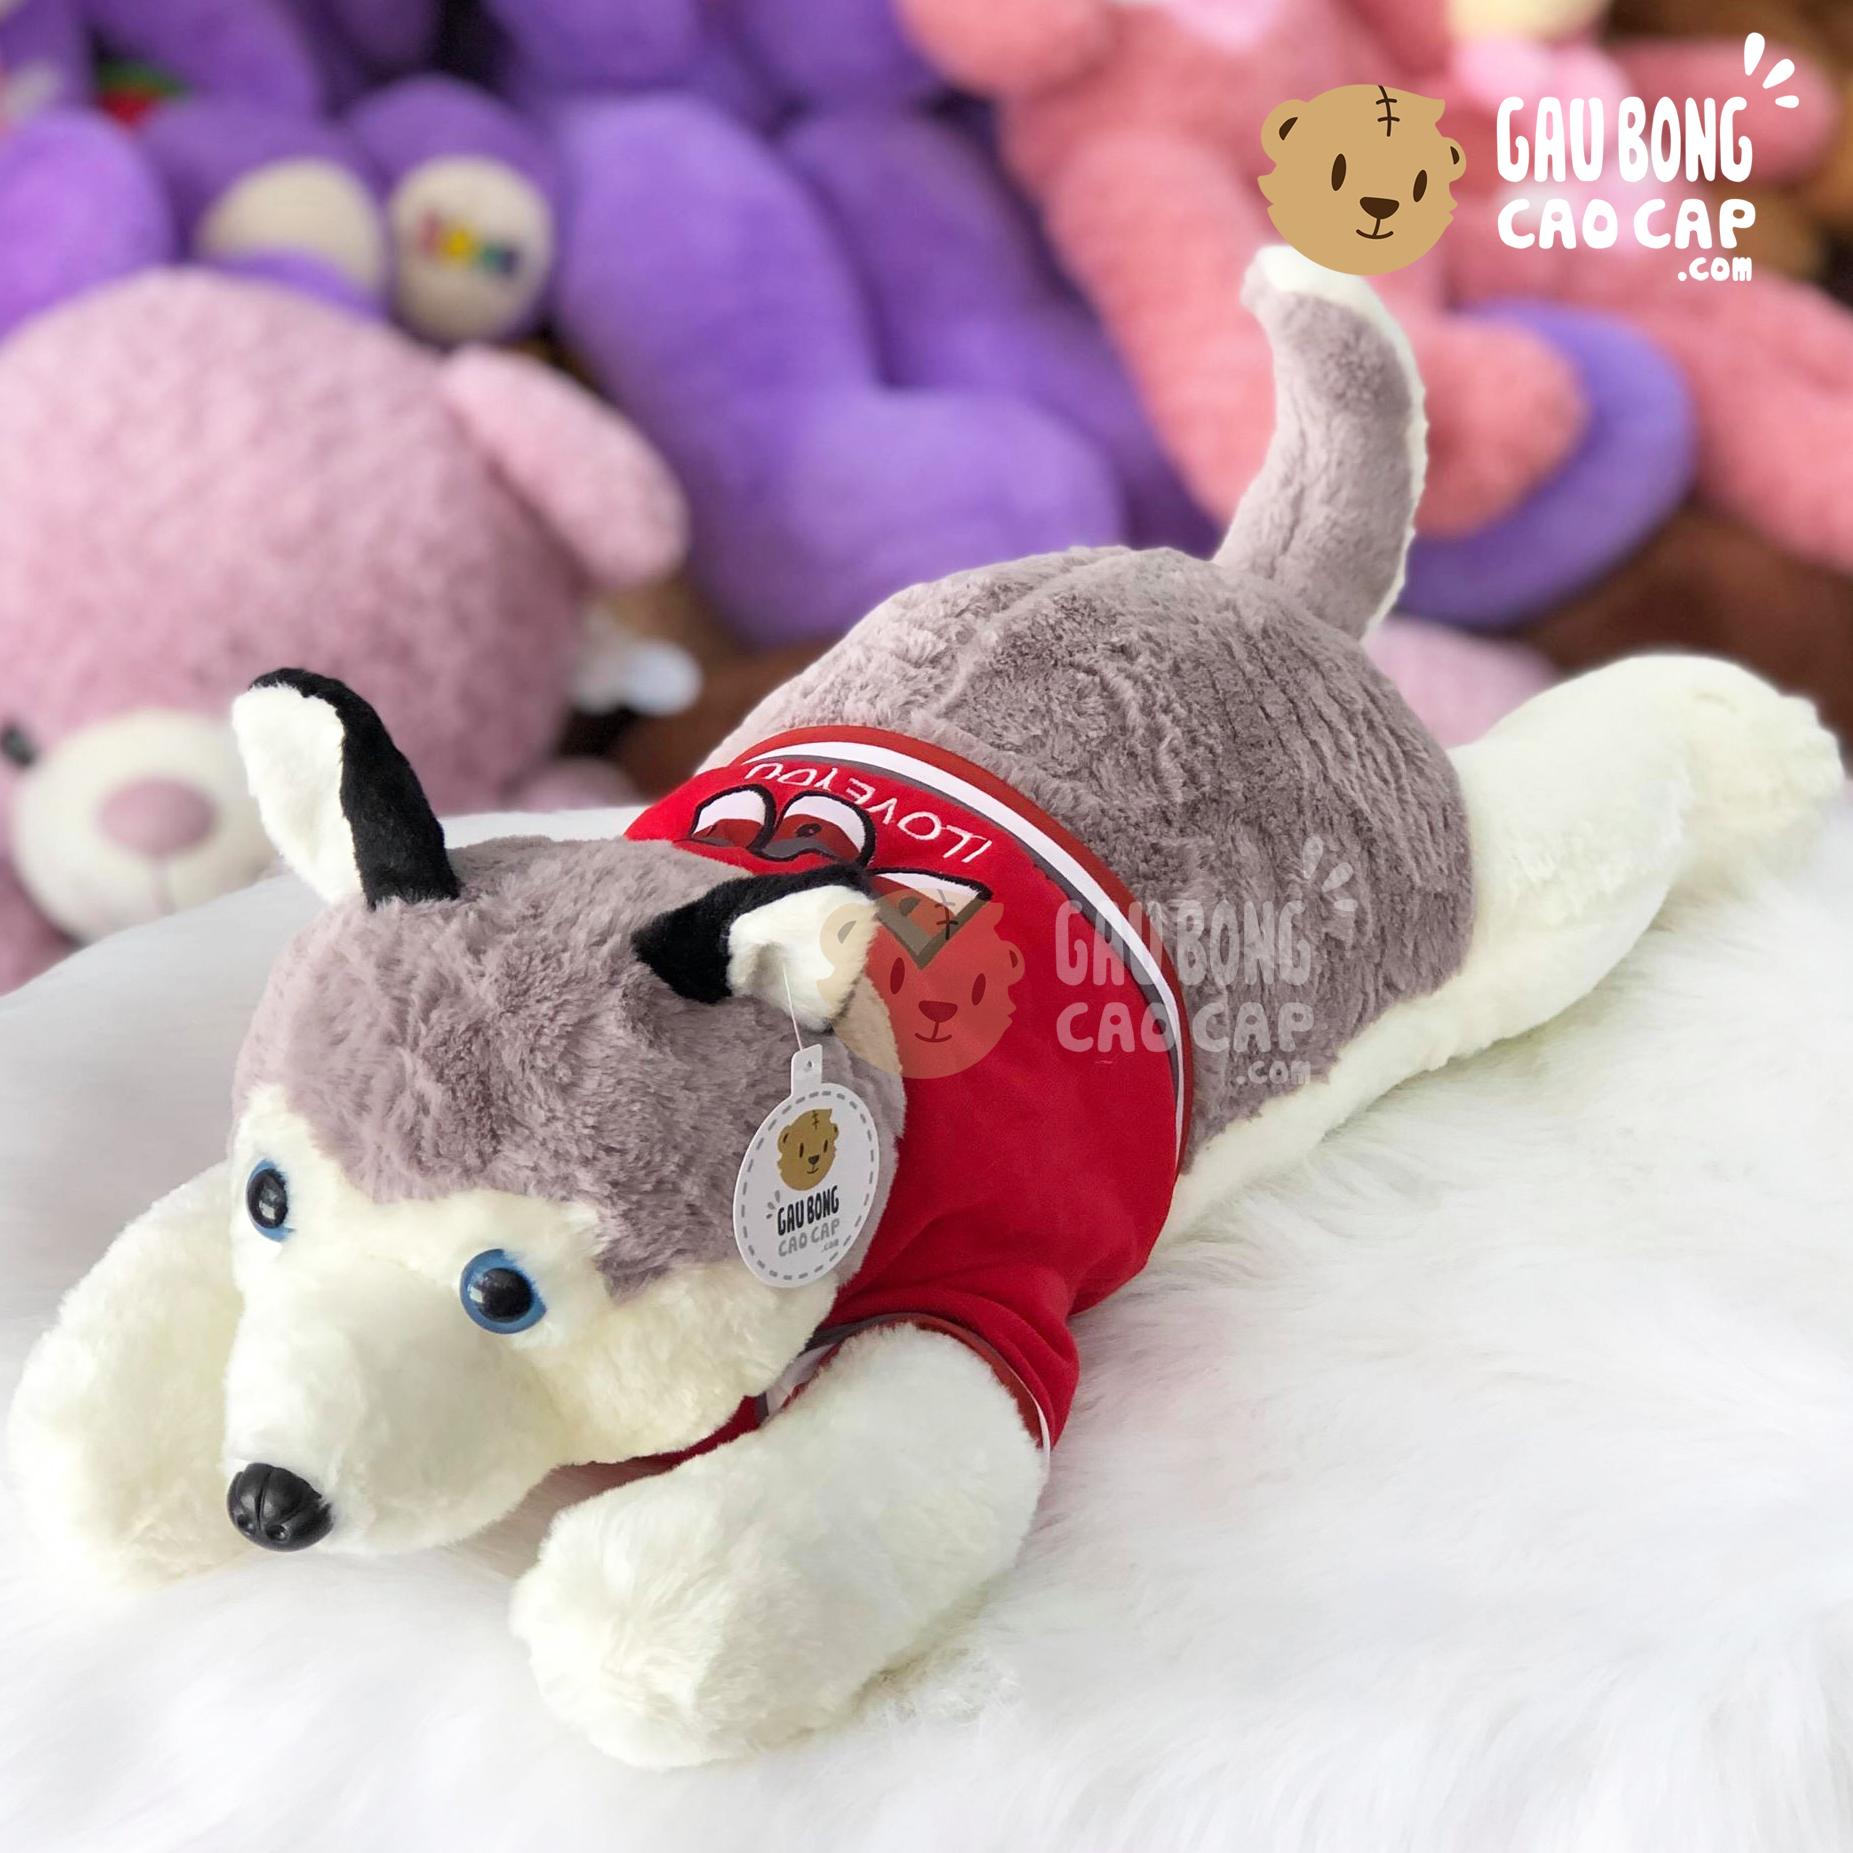 Chó bông Huksy mặc áo thun đỏ I Love You